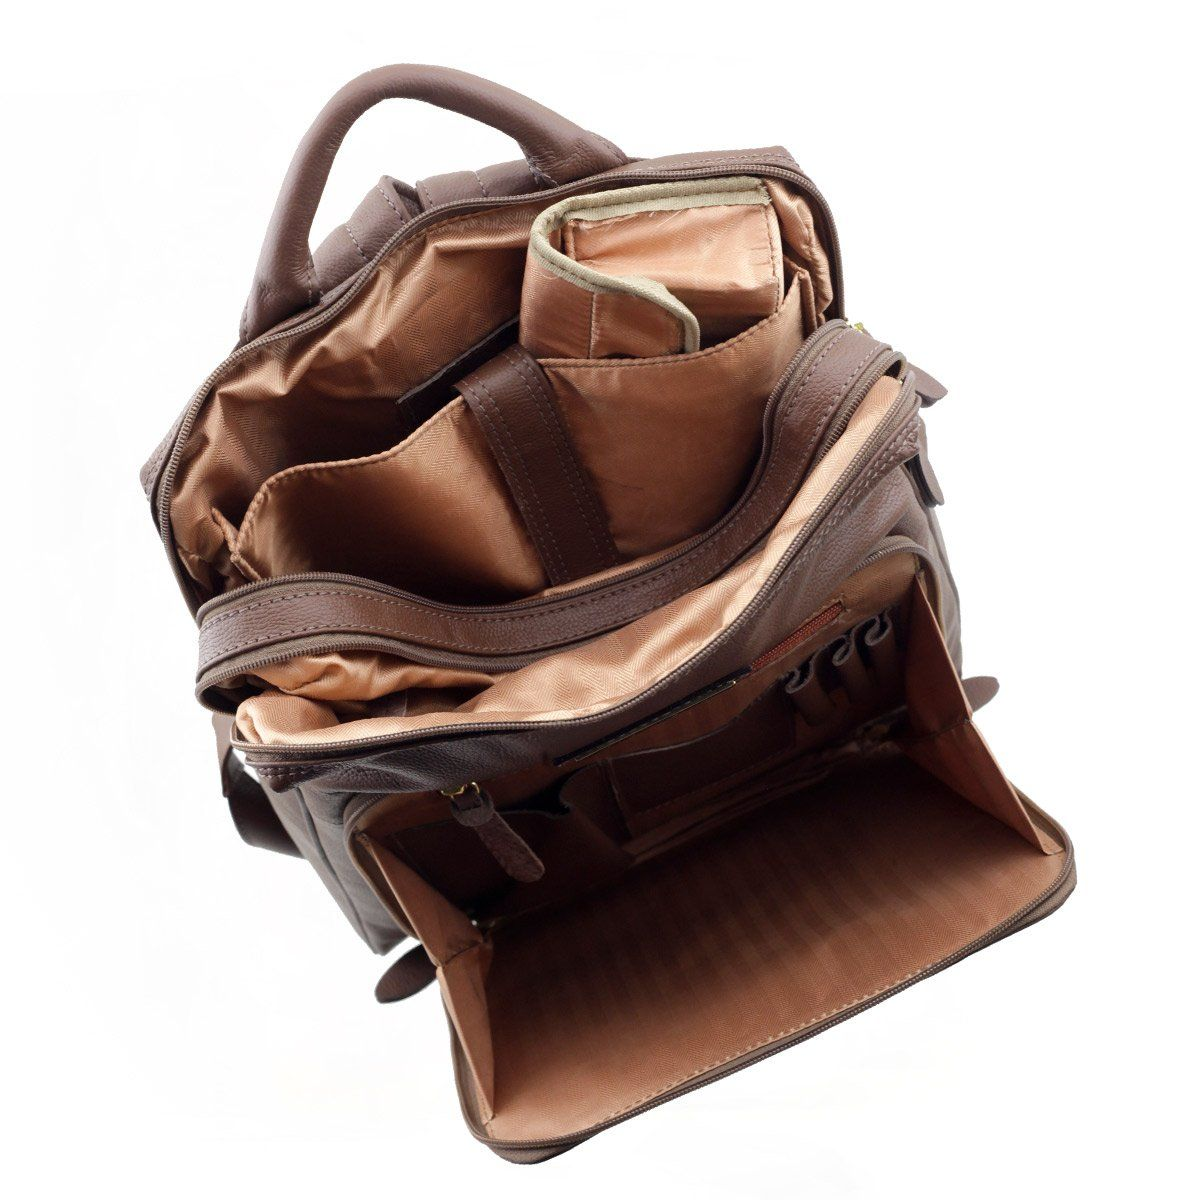 Mochila de Couro para Notebook Chocolate